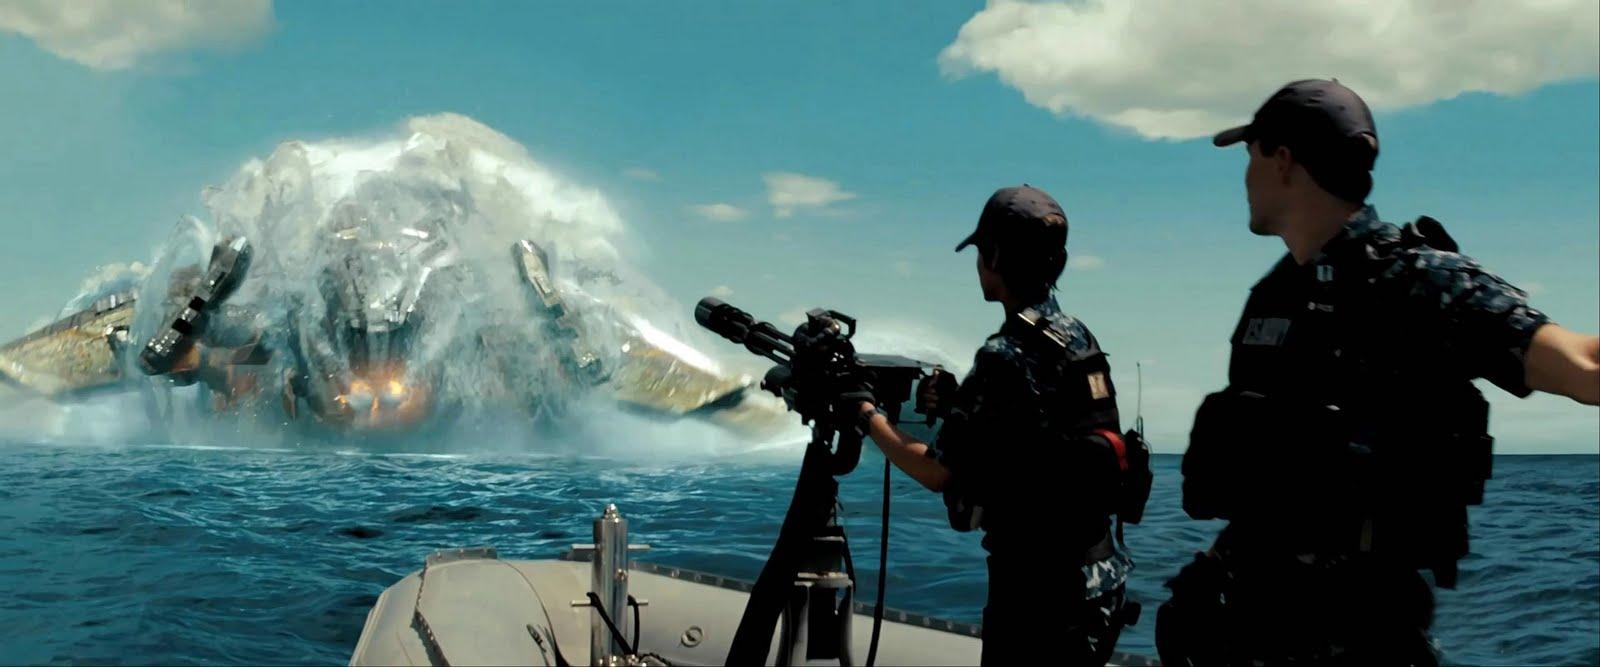 2012 Movie Poster: Battleship 2012 M1080p BluRay X264